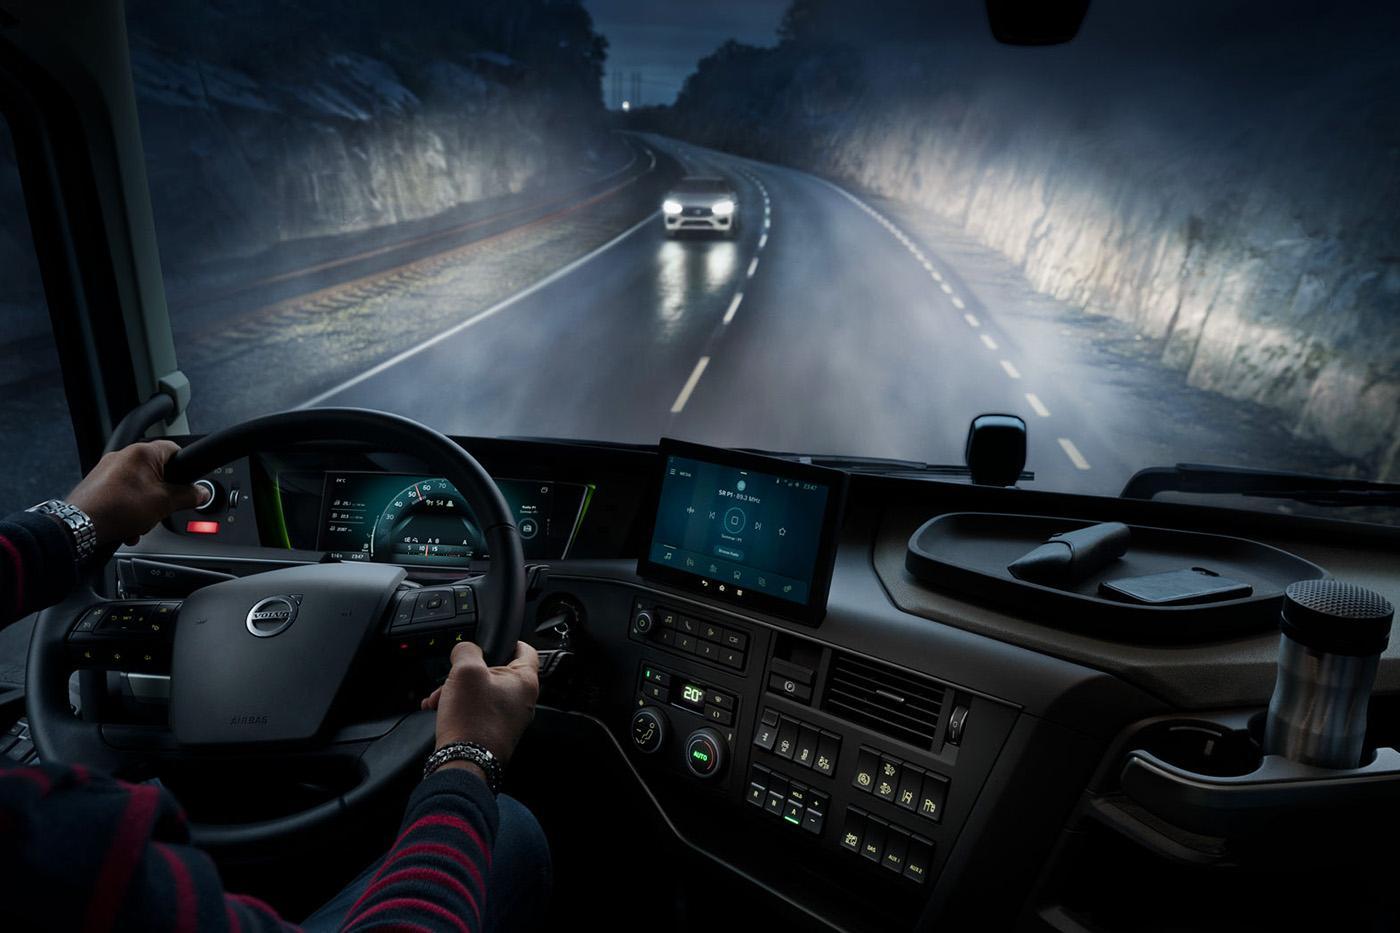 Lipsa șoferilor profesioniști este tot mai acută, arată un studiu Manpower